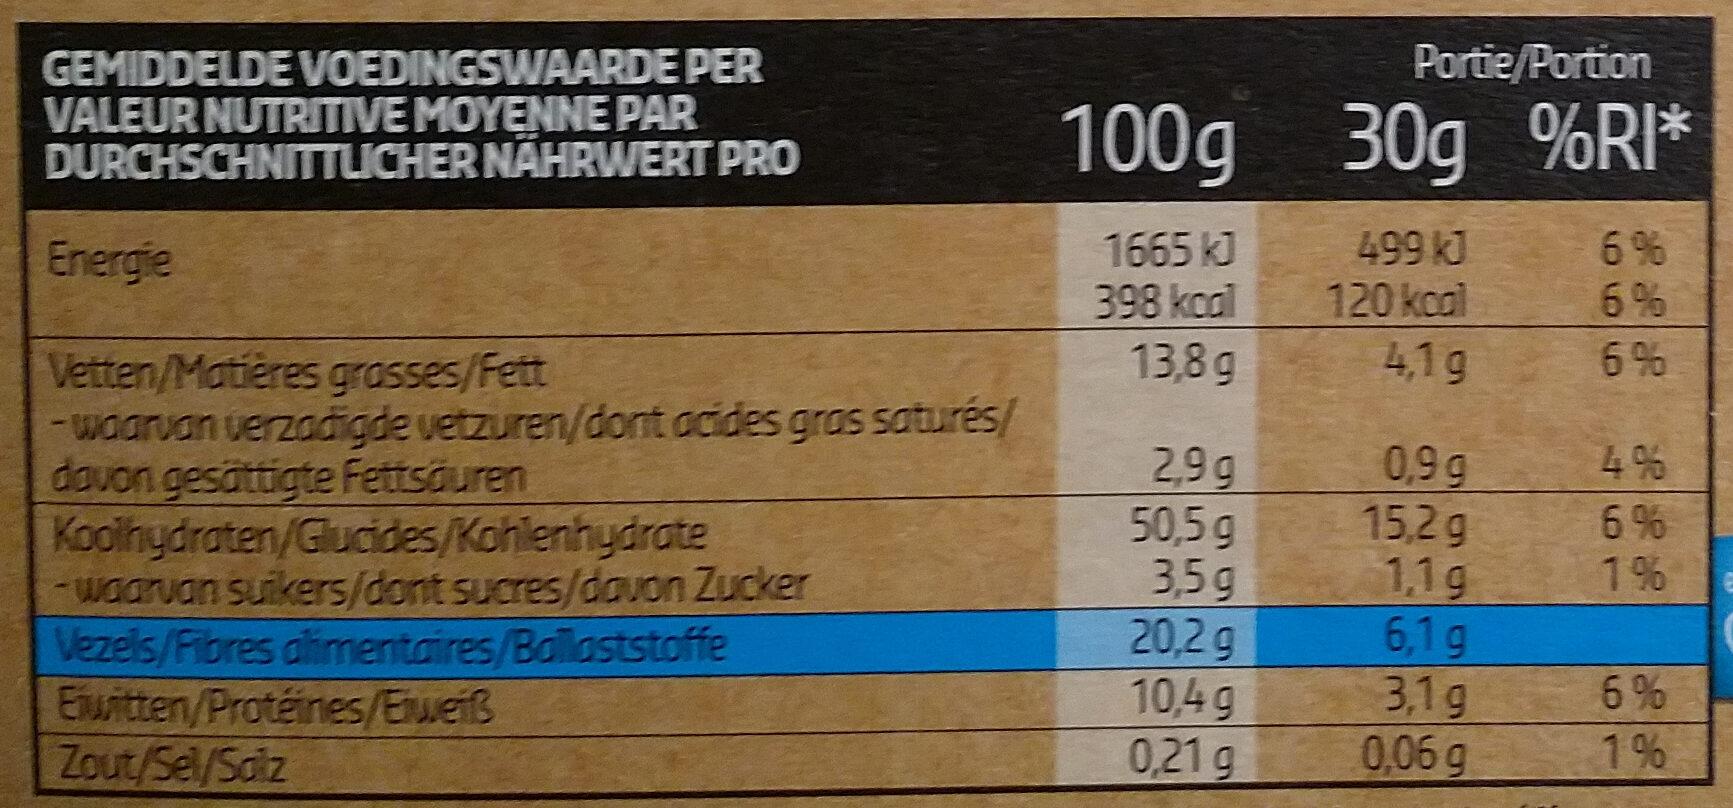 Granola chocolat & noisettes - Voedingswaarden - nl